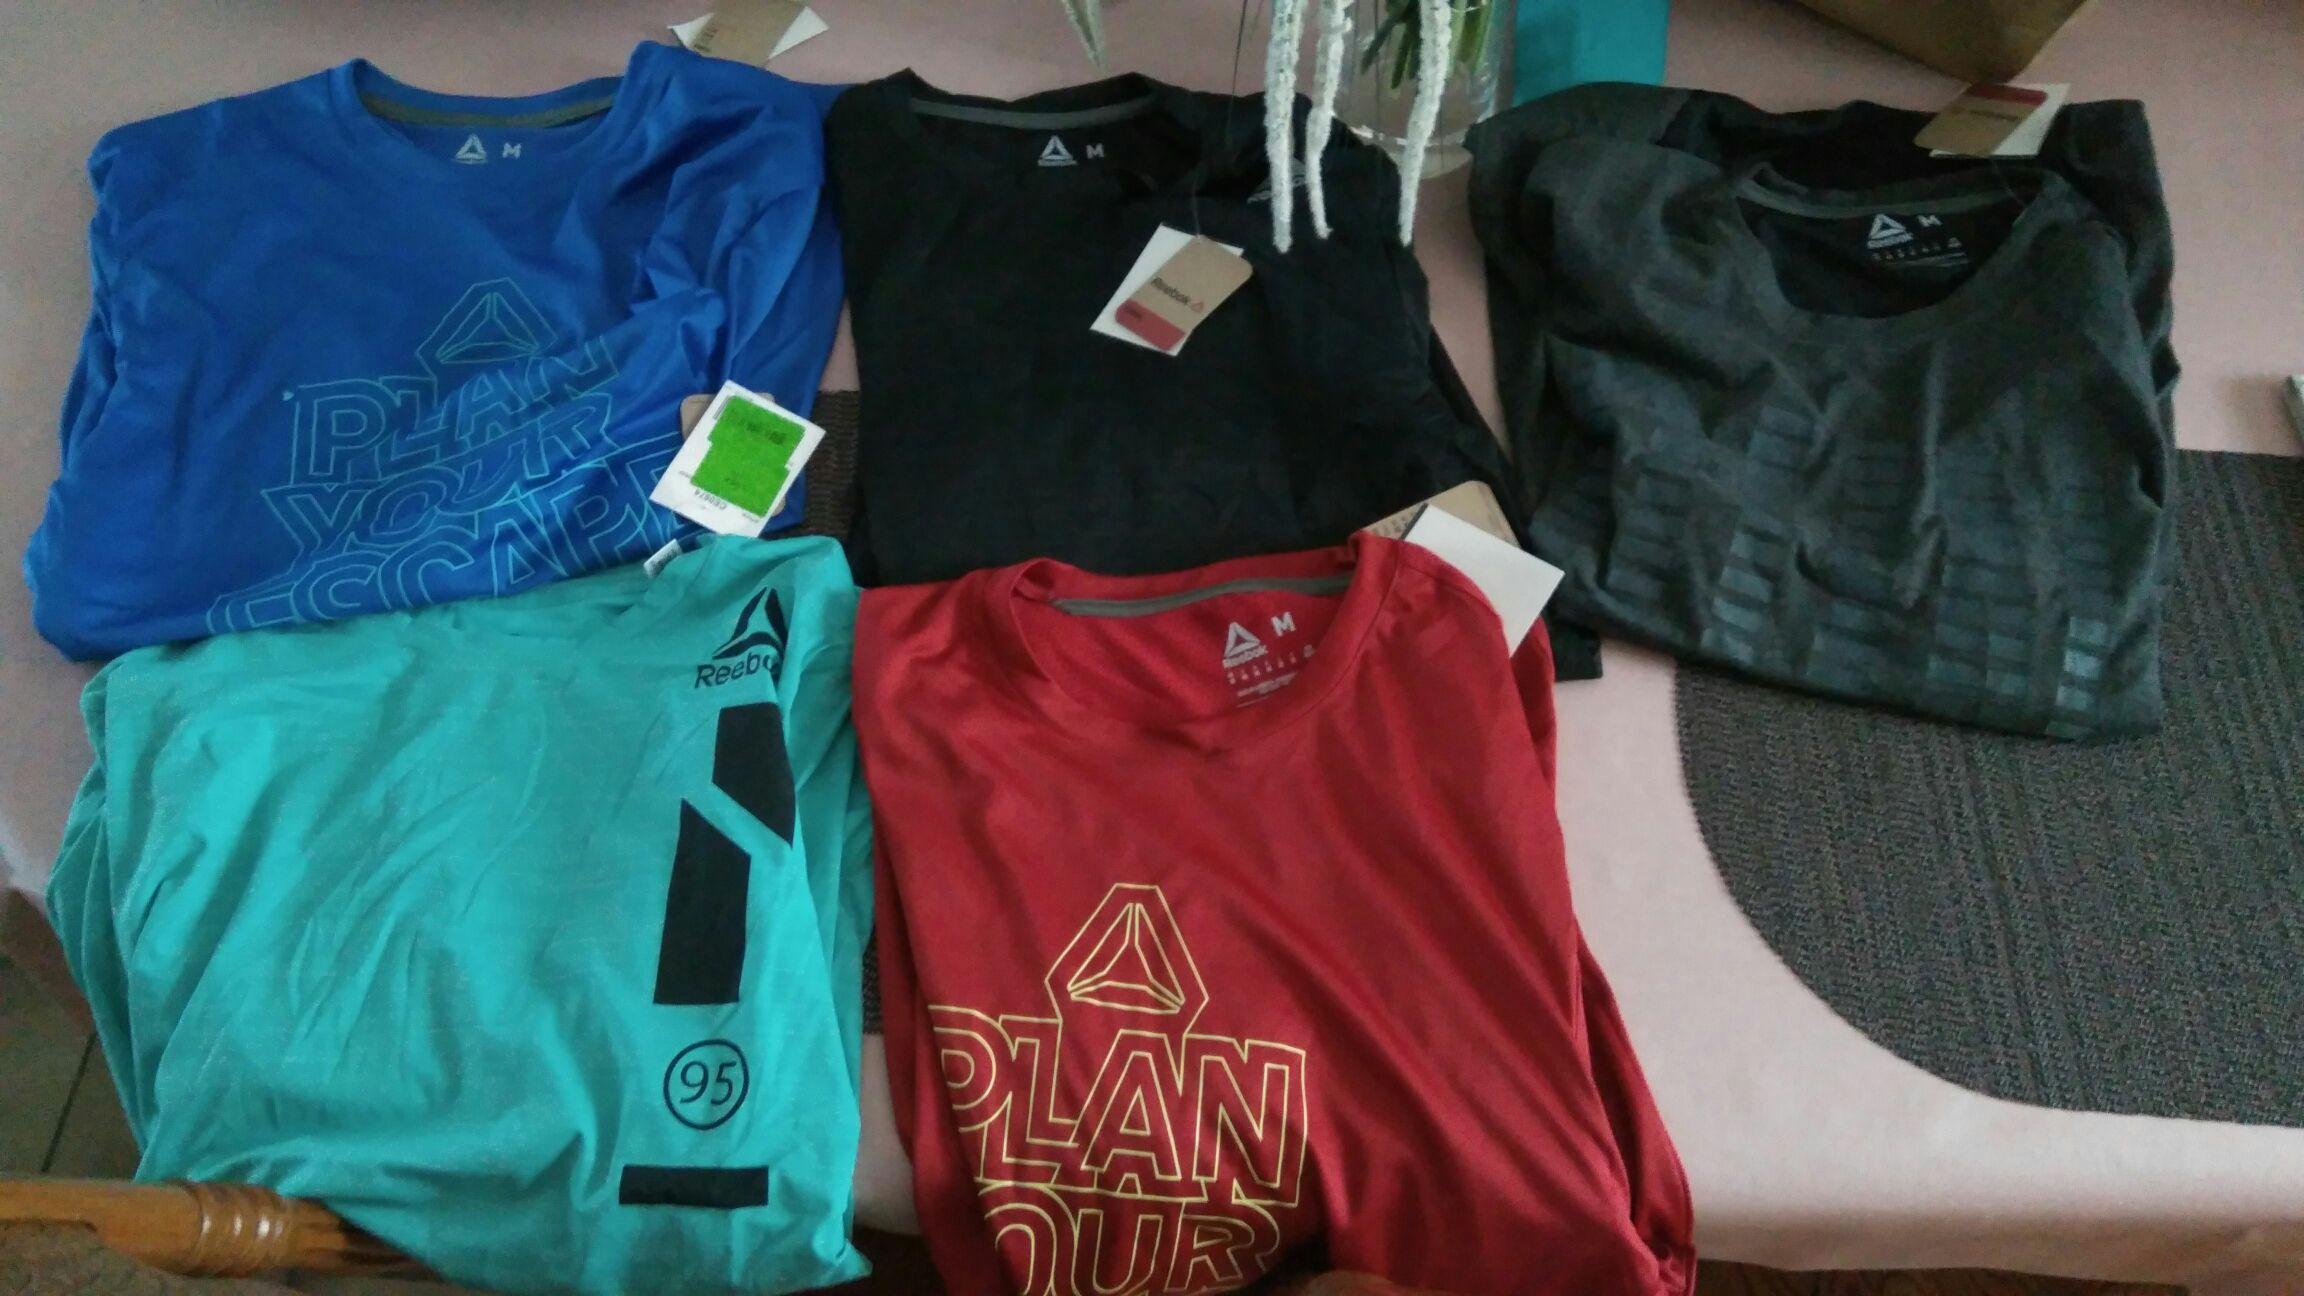 T-shirt ou short Reebok Crossfit - Taille M, Plusieurs modèles (Adidas Outlet Coquelles - 62)